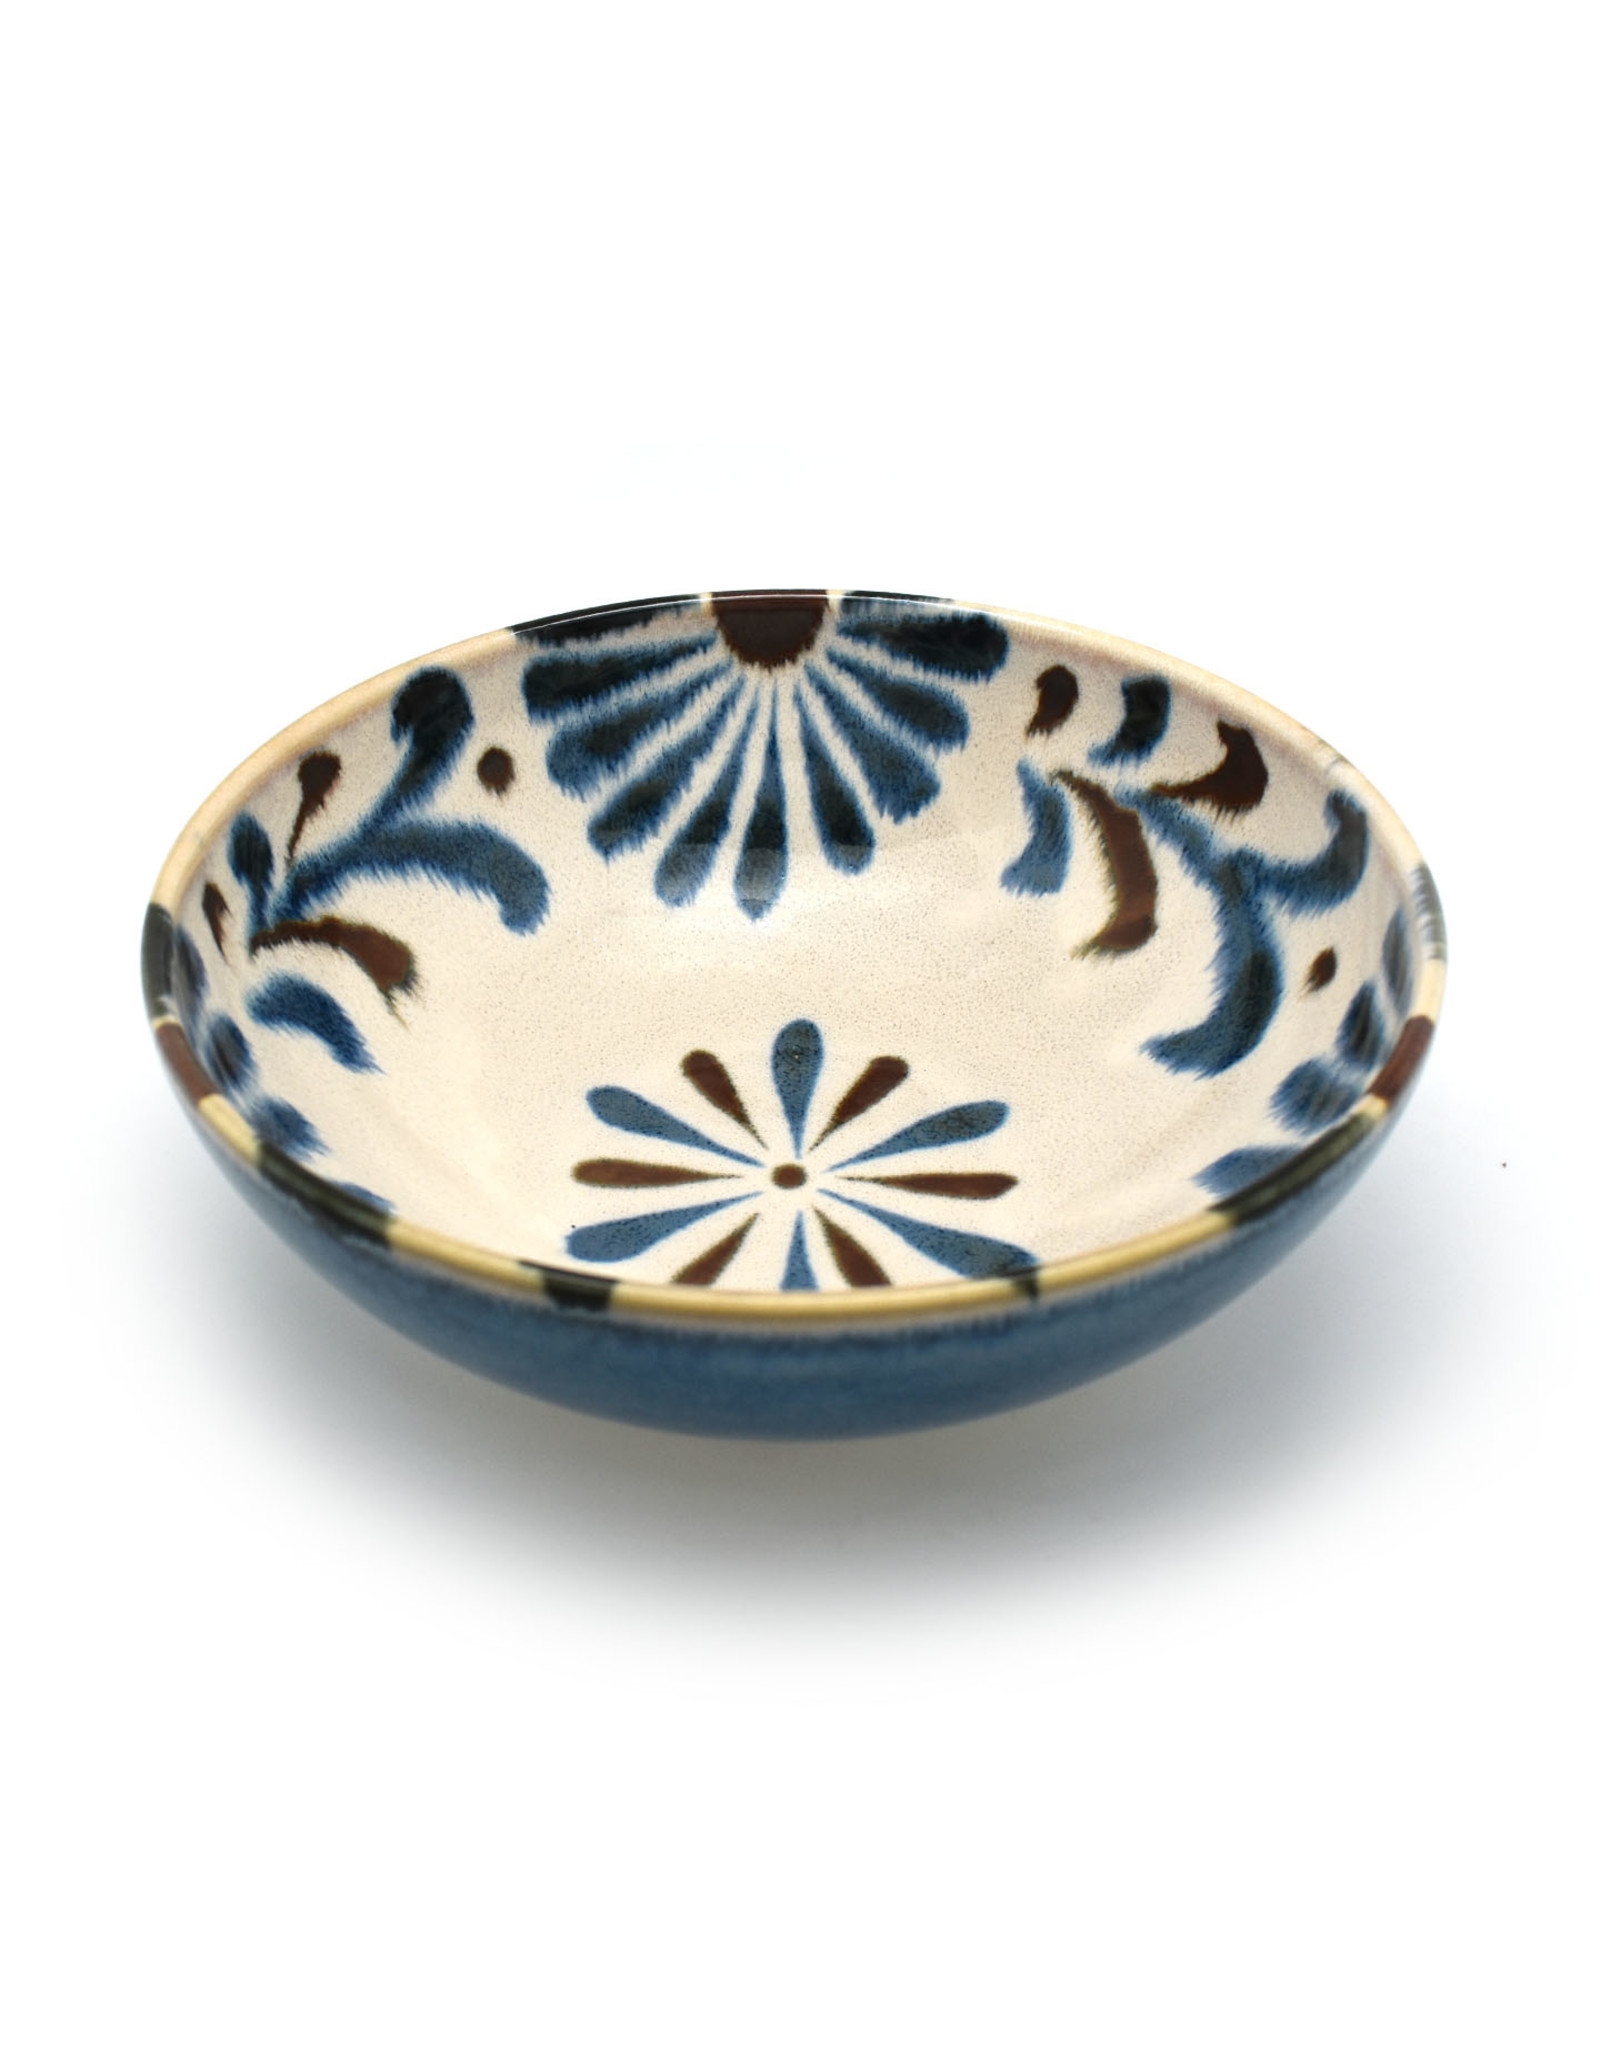 Kariyushi / Harmony Floral Bowl